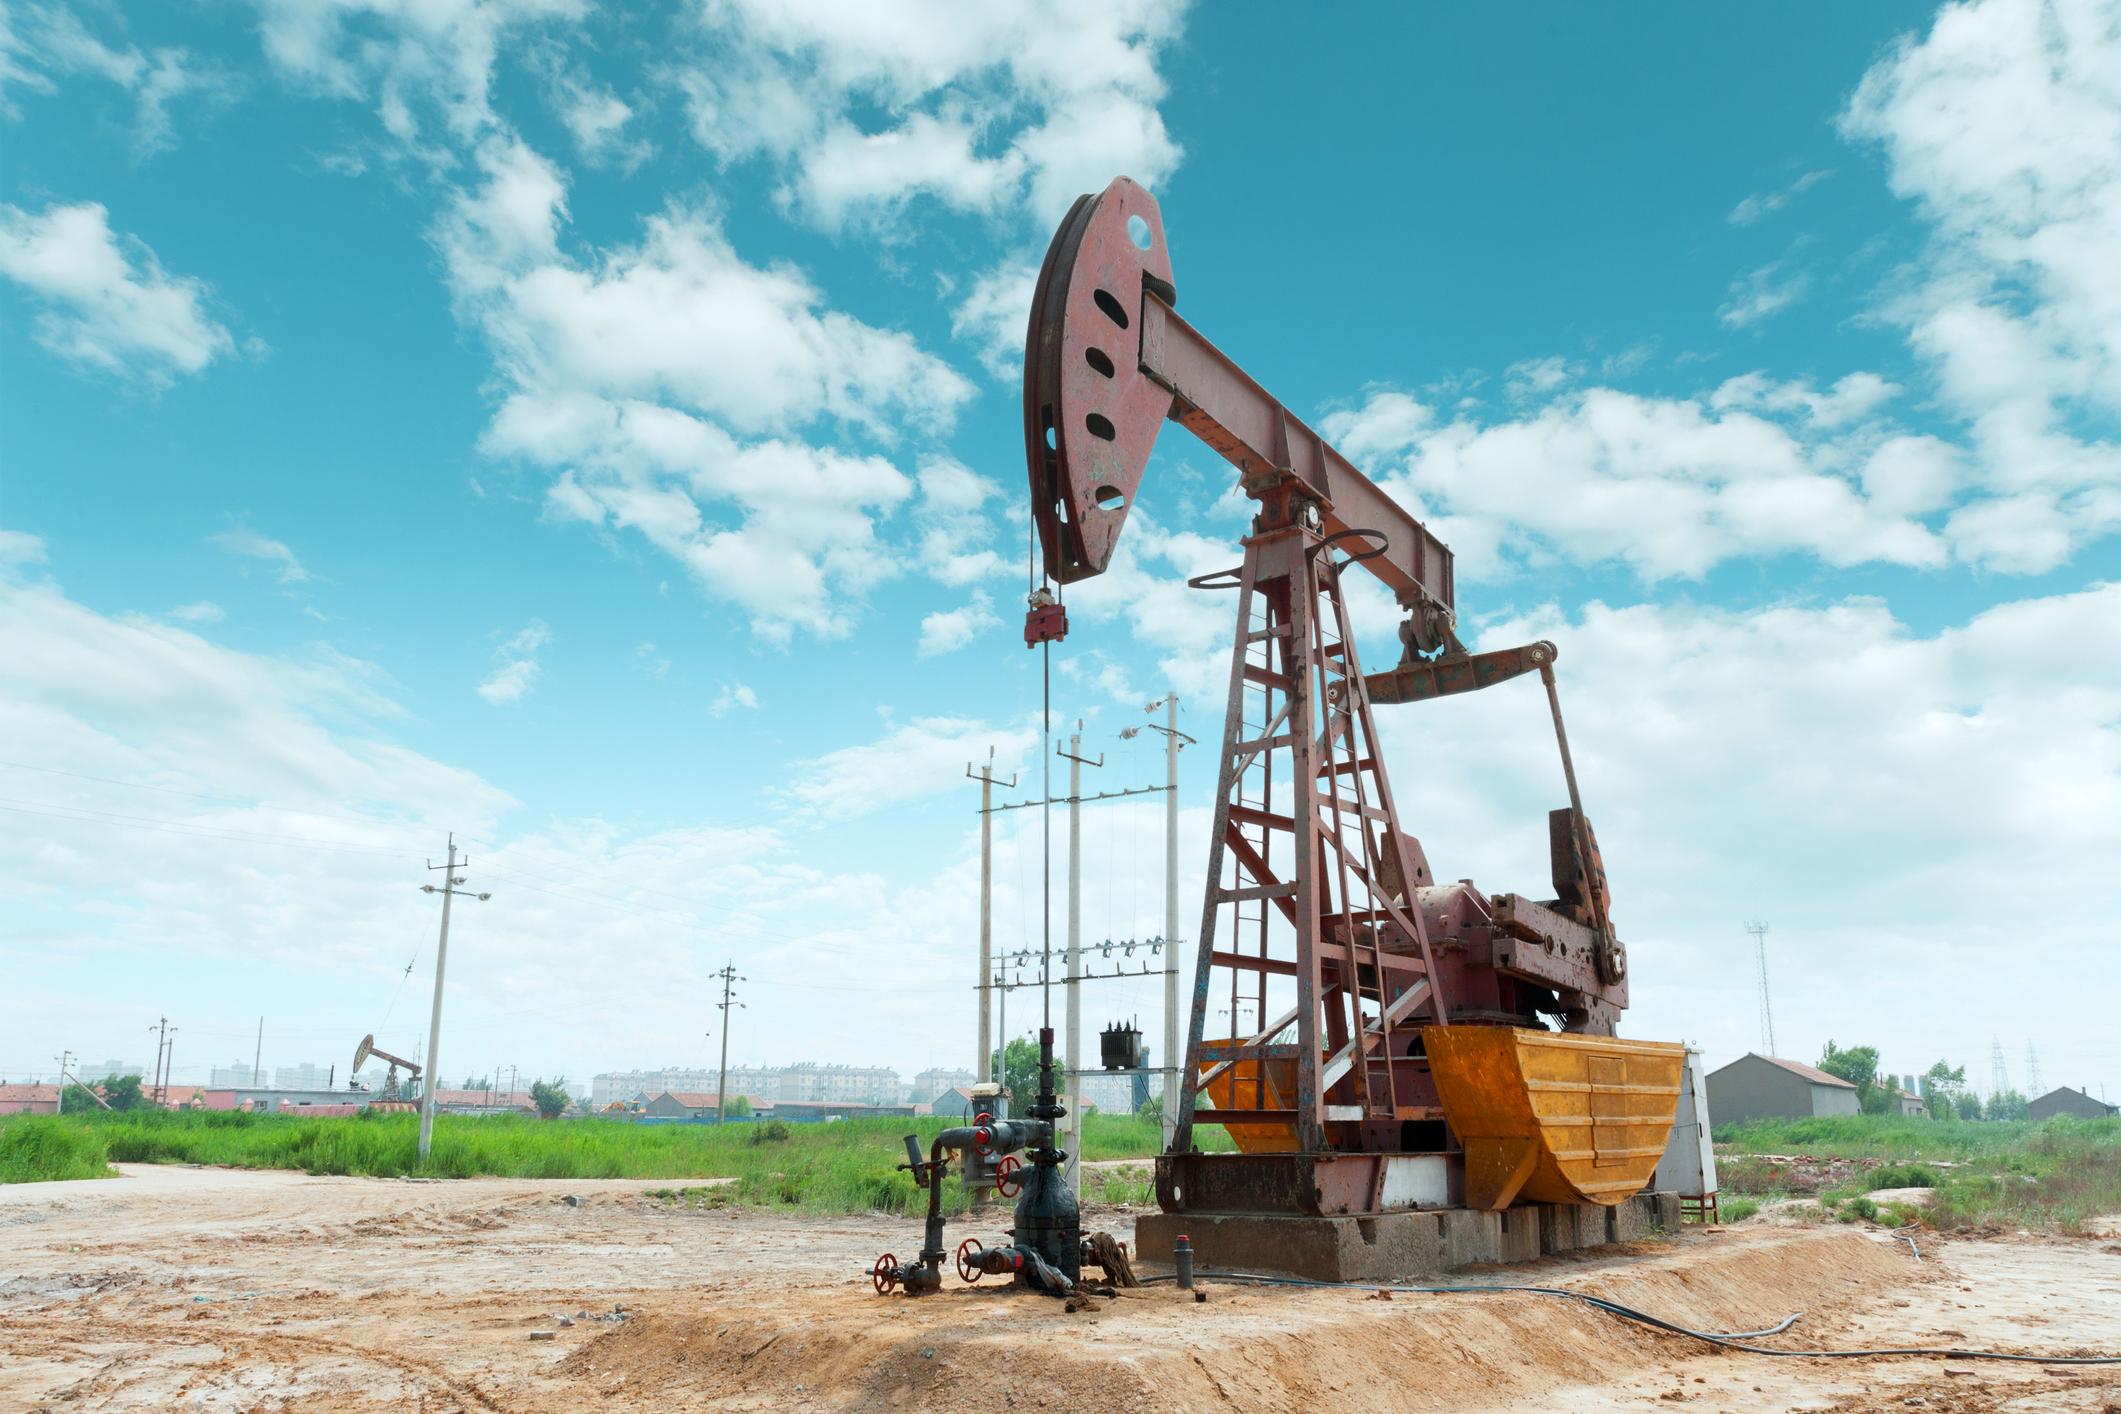 An oil pump under a blue sky.